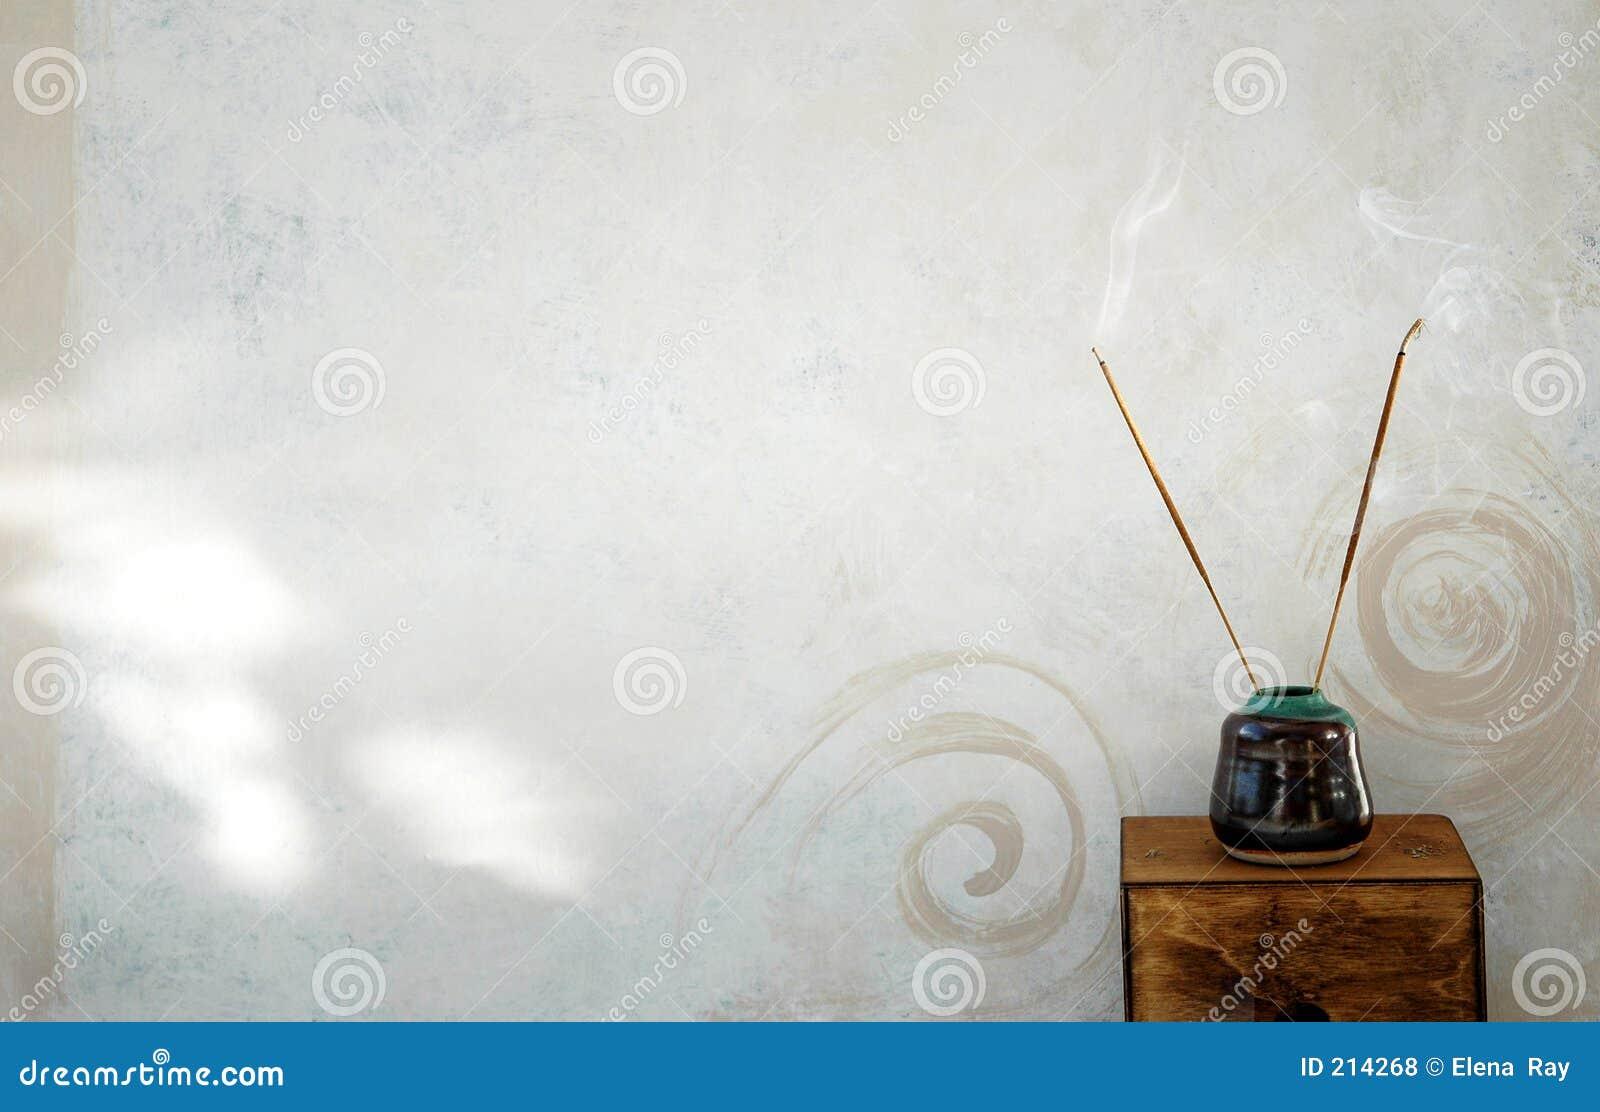 Hintergrund des Duft-2